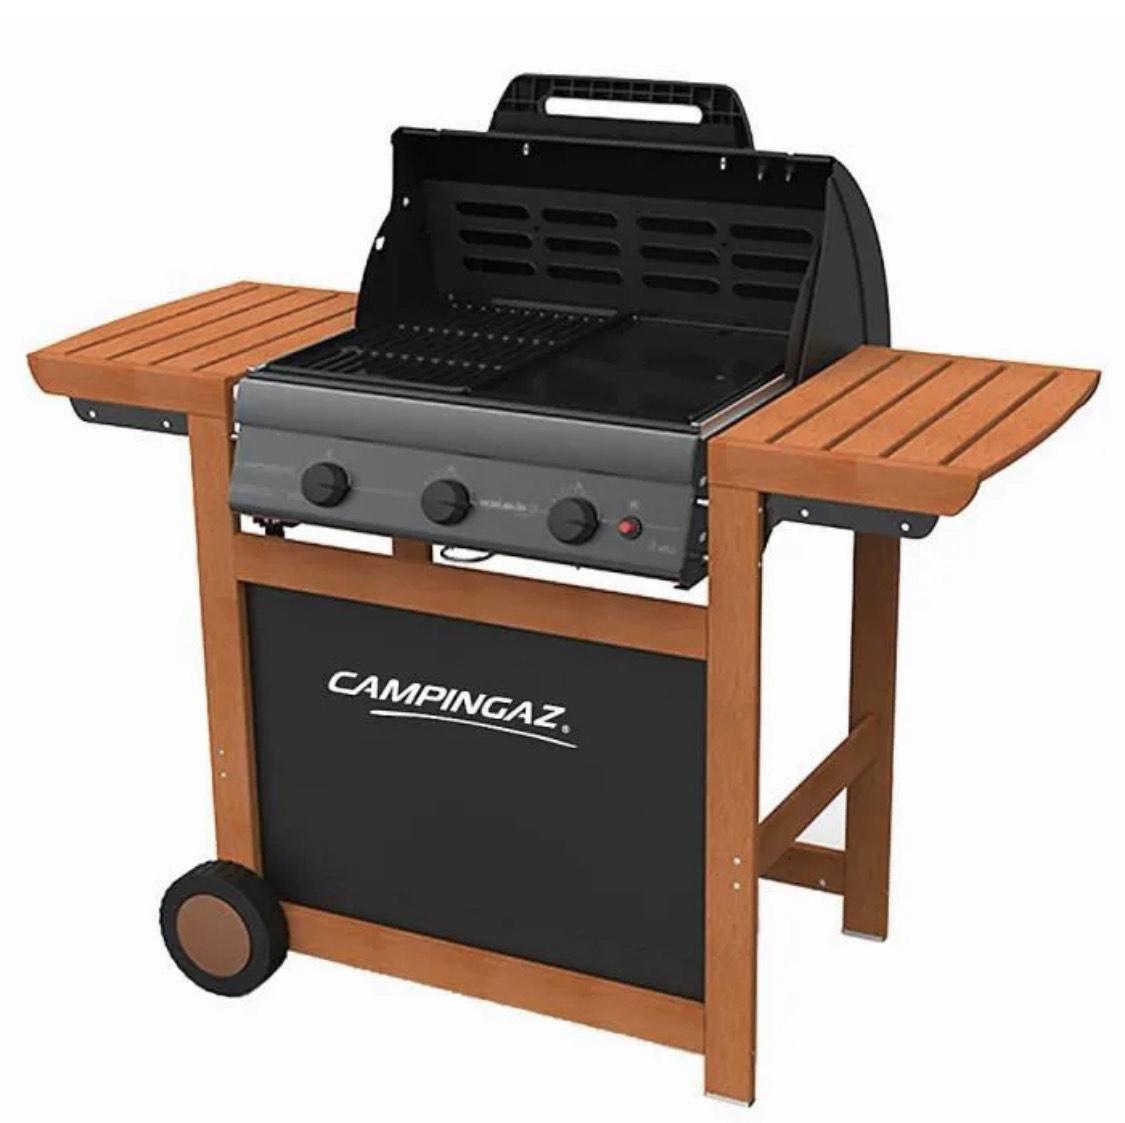 Barbecue à gaz Campingaz Adelaide 3 Woody L - Acier émaillé, 45x57 cm